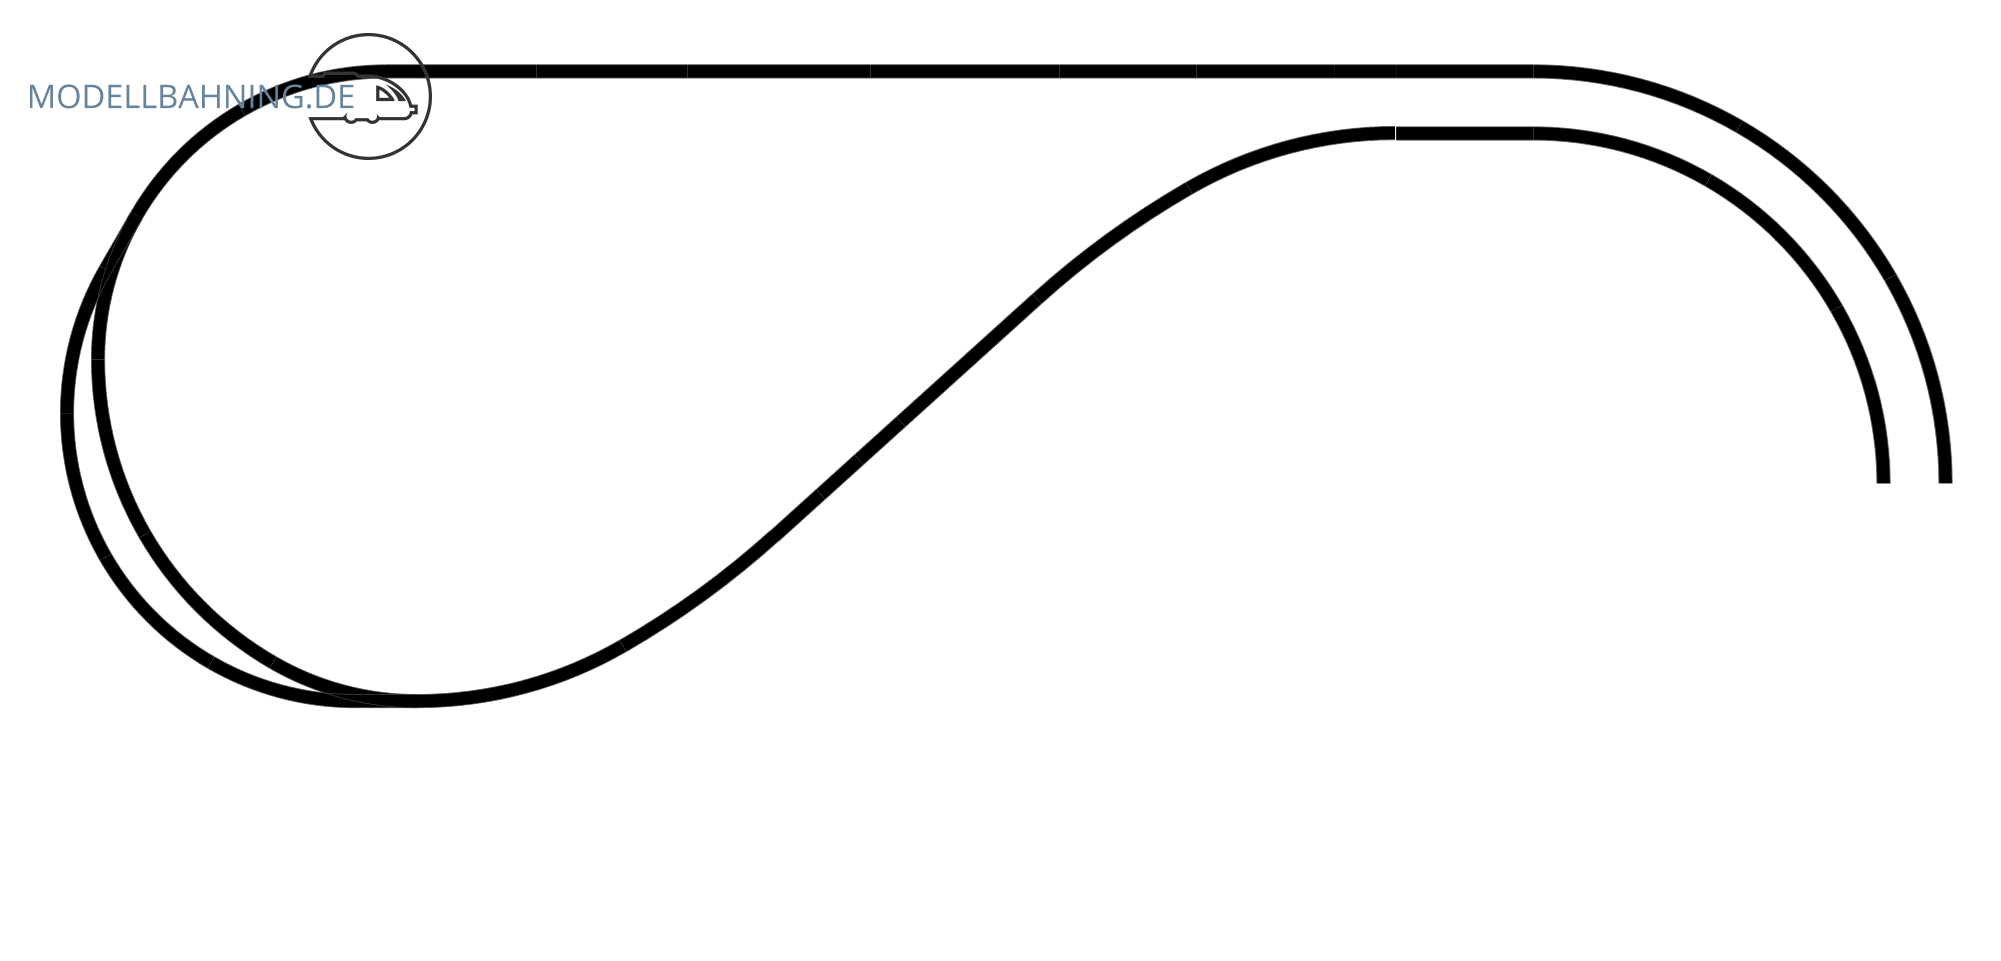 H0 Gleisplan auf 2,5 x 1,2 m: <br>Hundeknochen in drei Ebenen 2